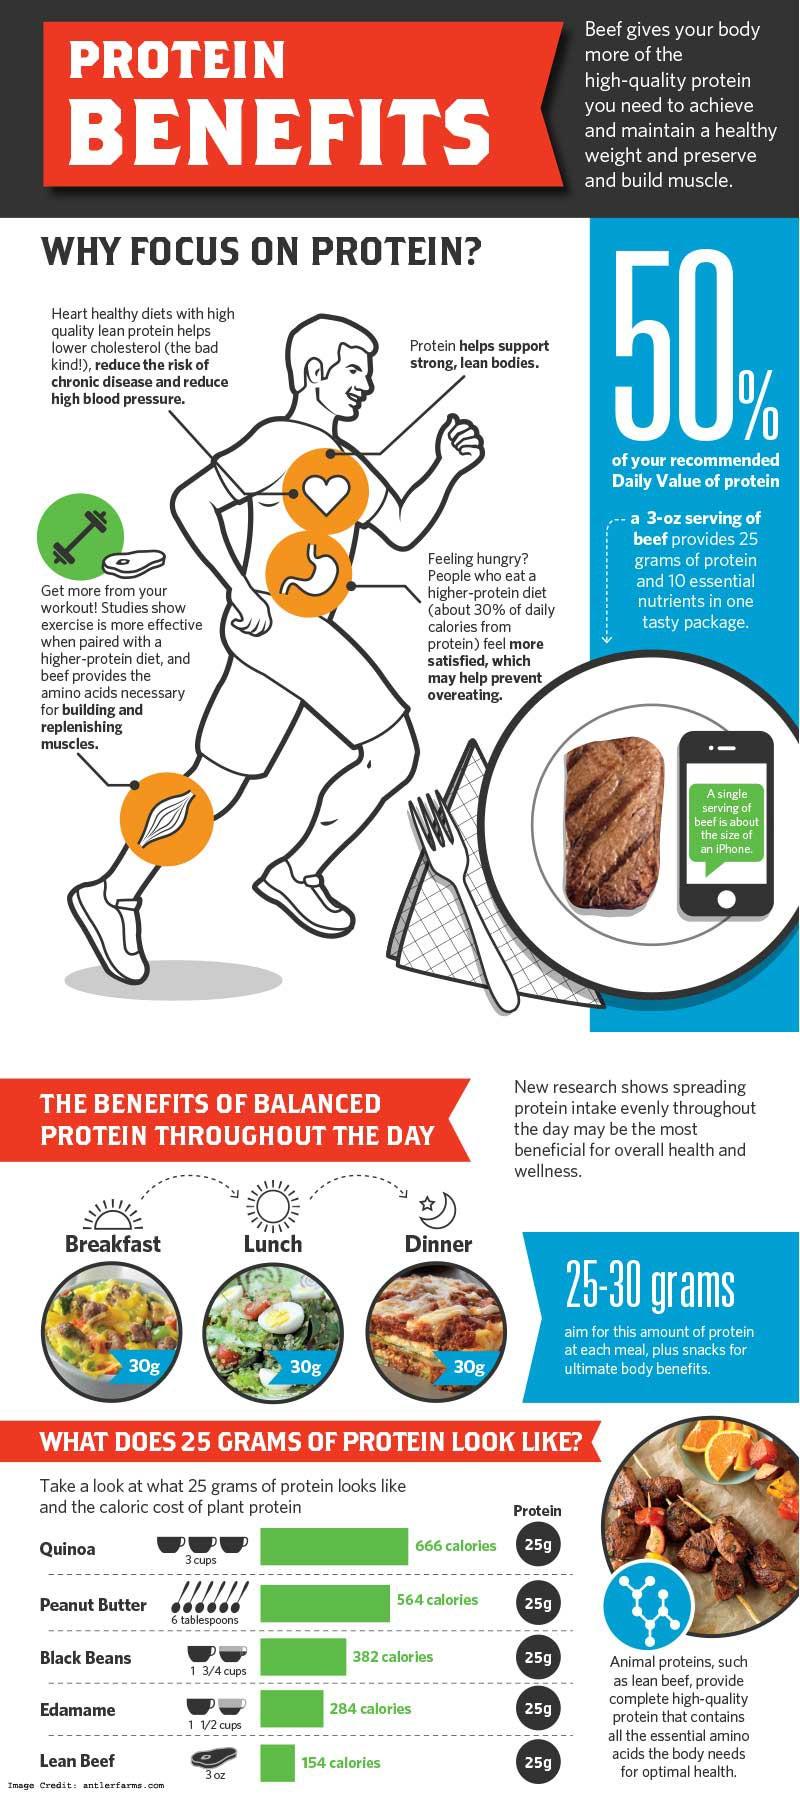 Protein Benefits Info